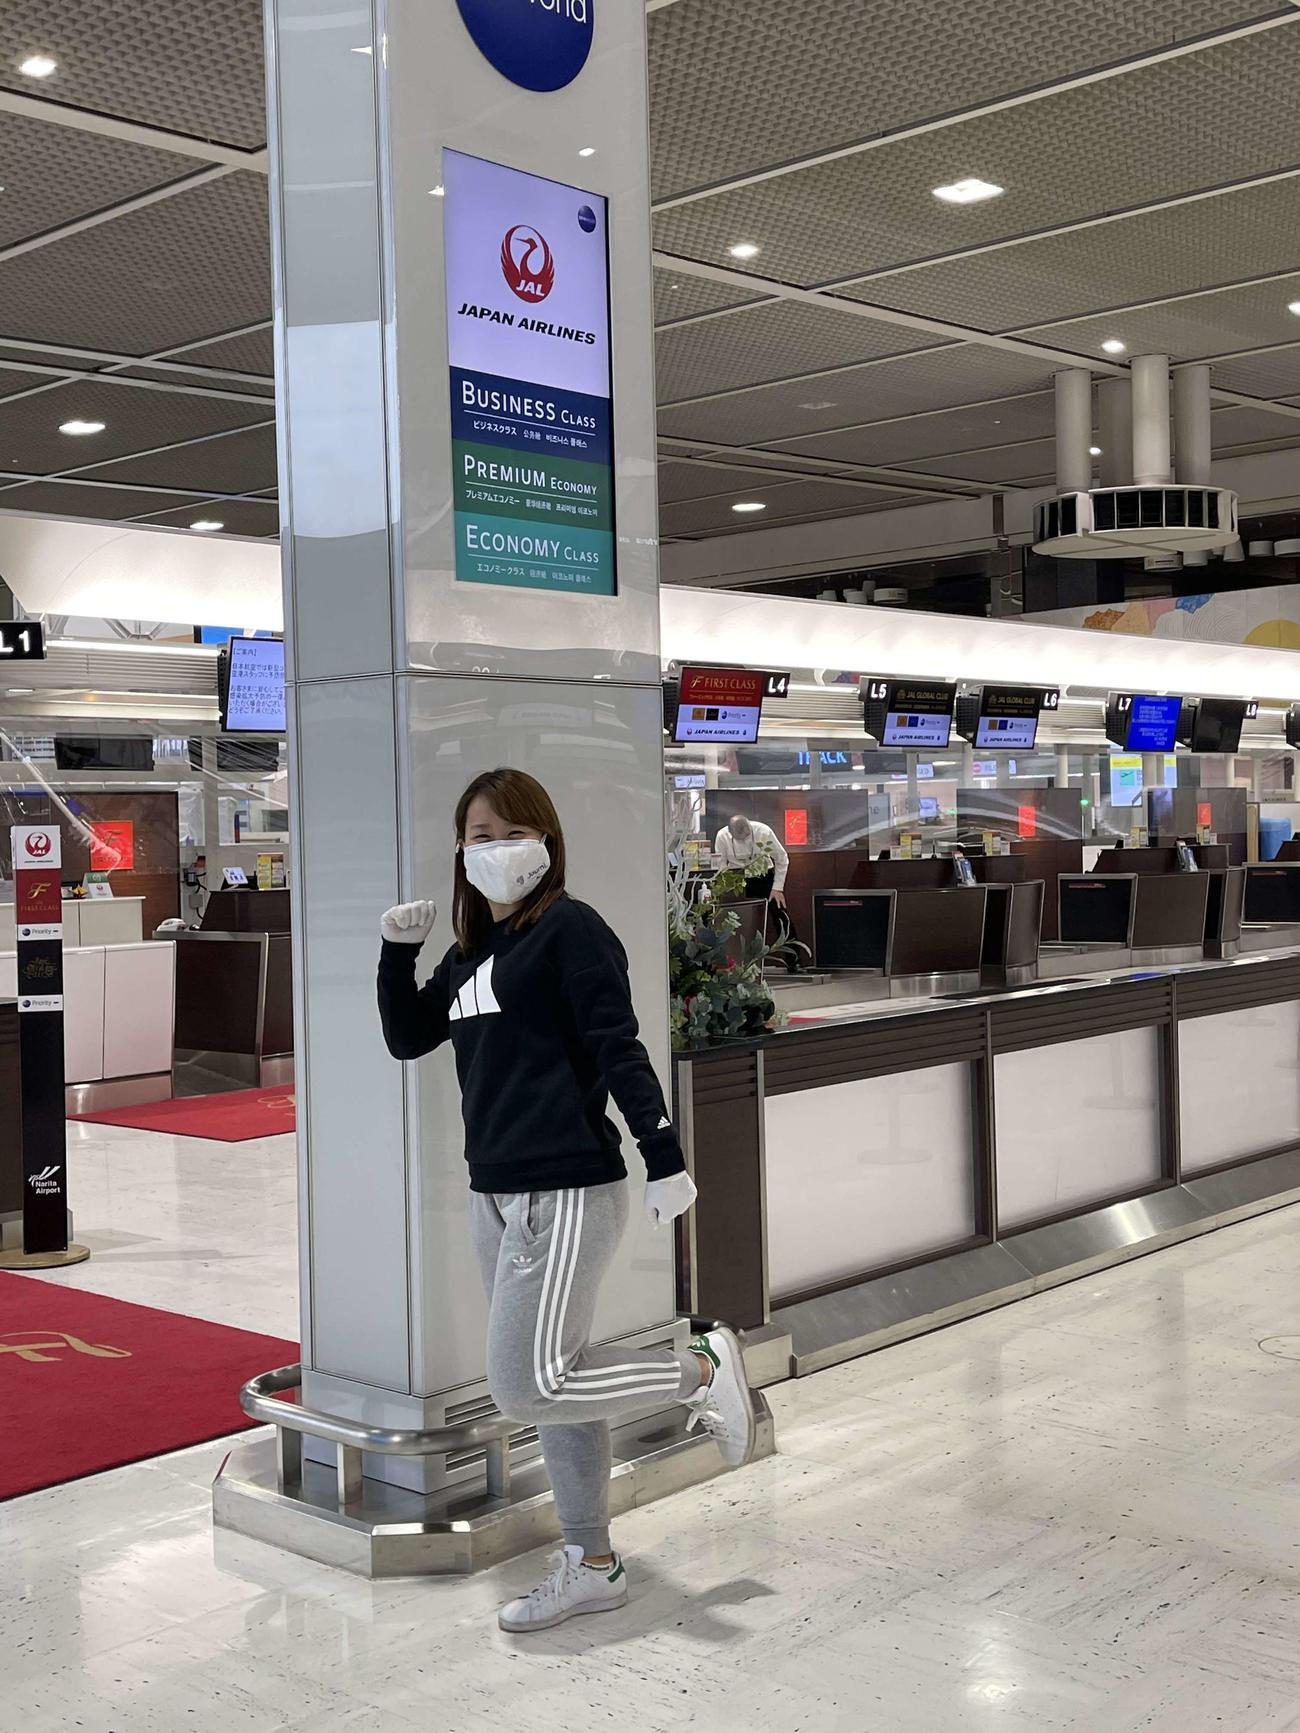 渡米前の空港でポーズをつくる畑岡奈紗(TCI提供)